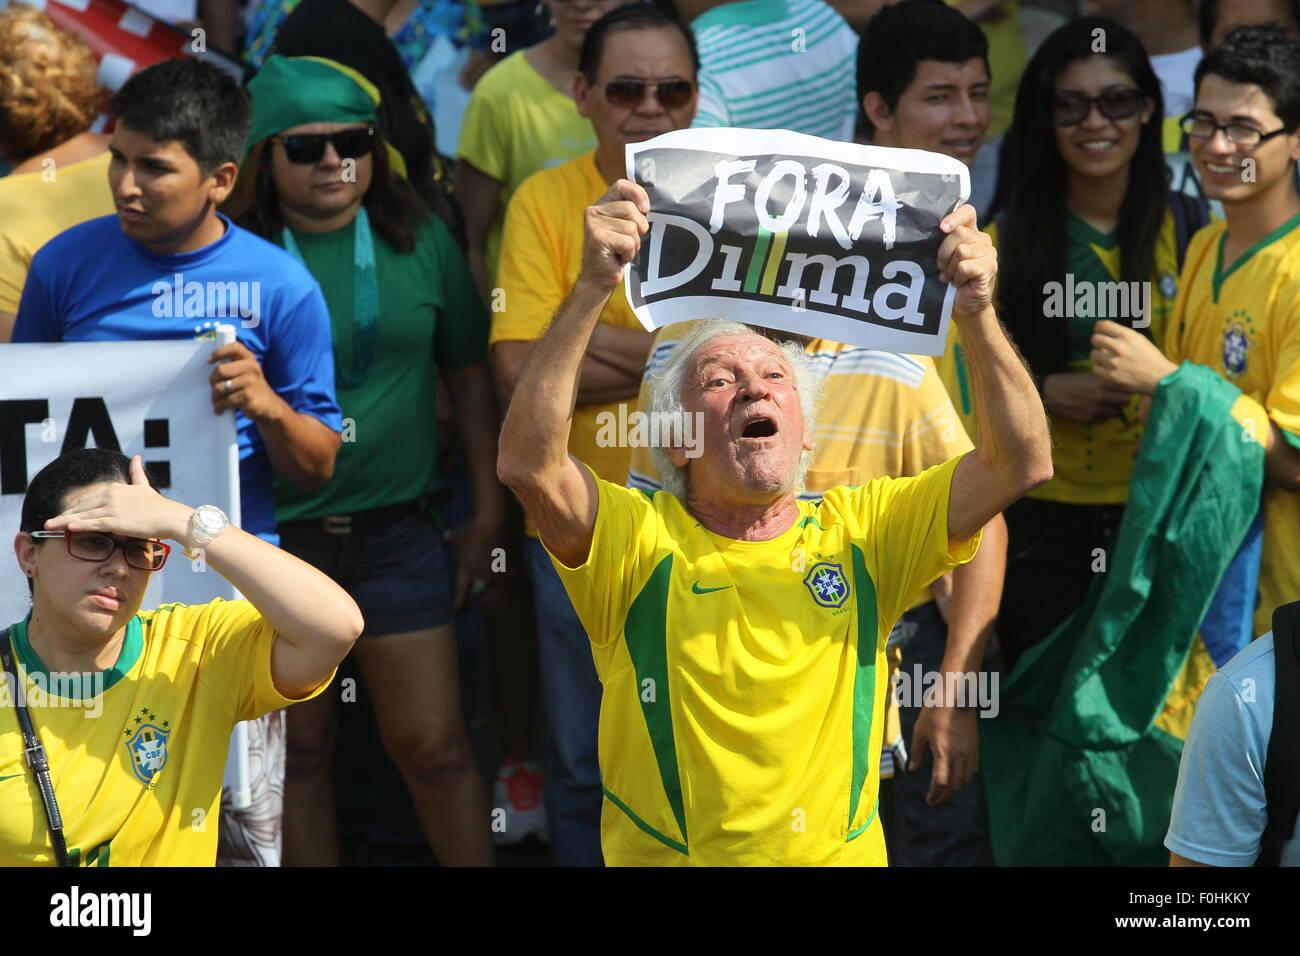 Manaus, Brazil. 16th August, 2015. Manifestação contra o governo da presidete Dilma Rousseff e o PT, realizado - Stock Image